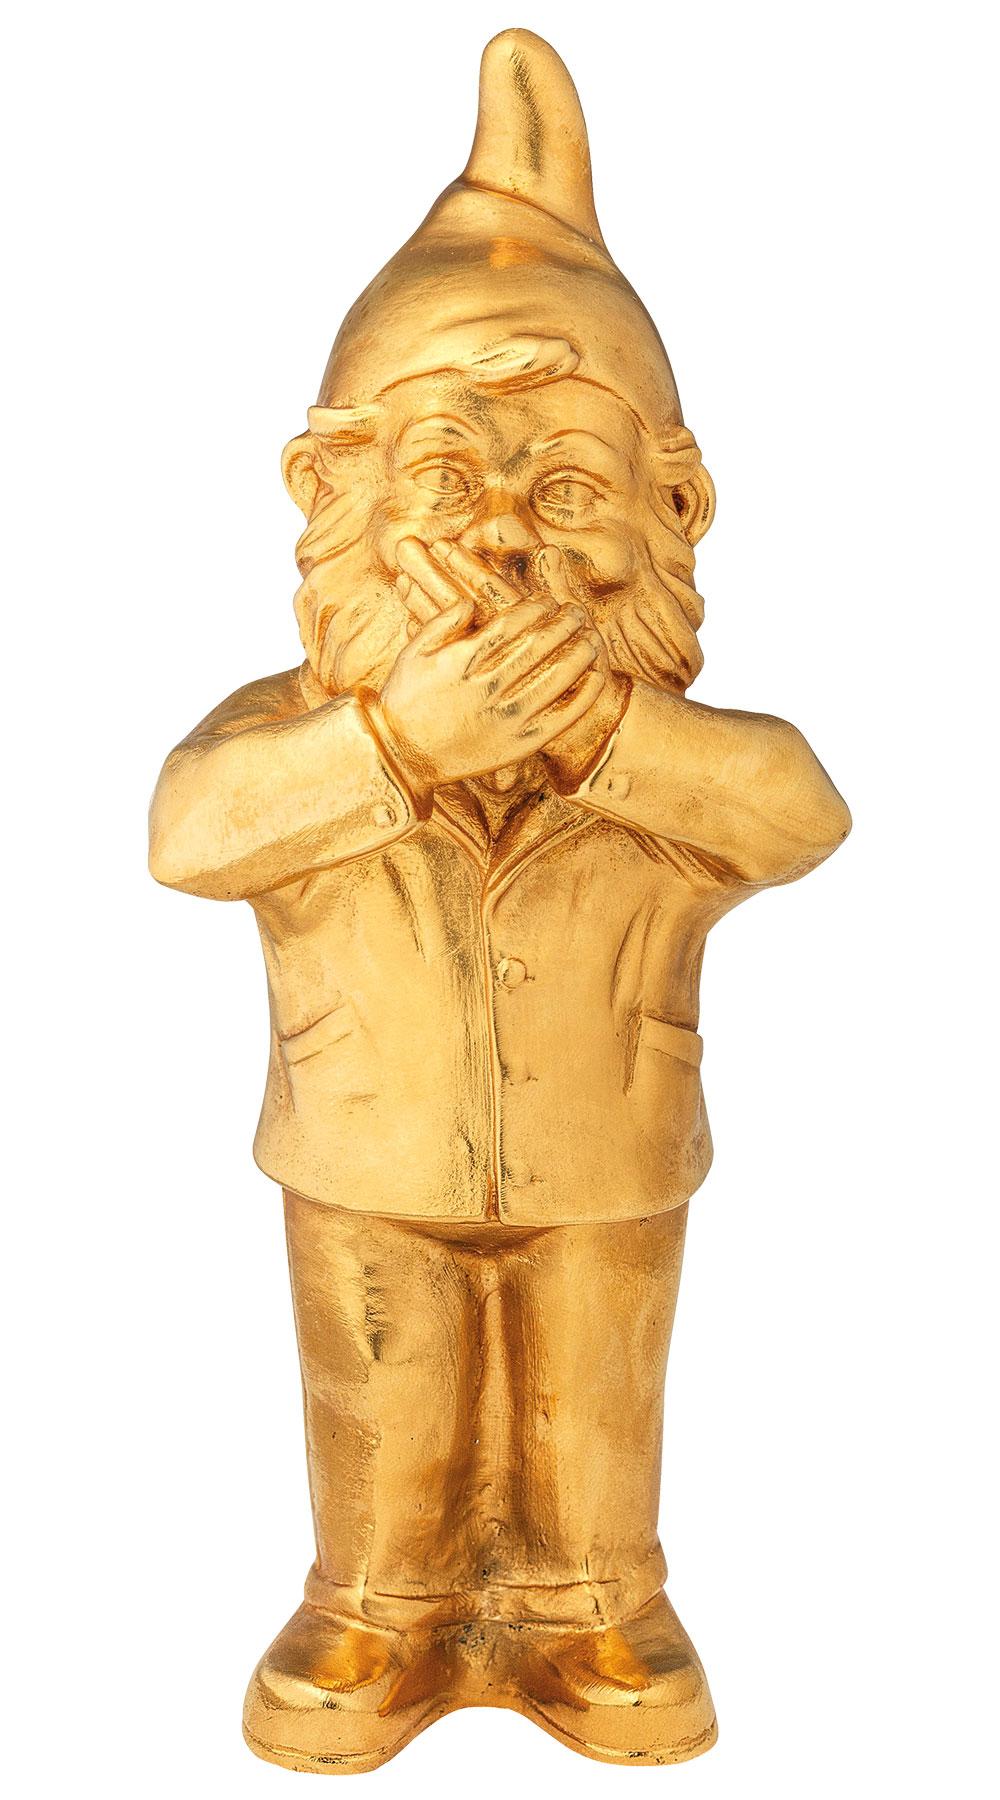 """Skulptur """"Geheimnisträger - Nichts sagen"""", Version vergoldet"""